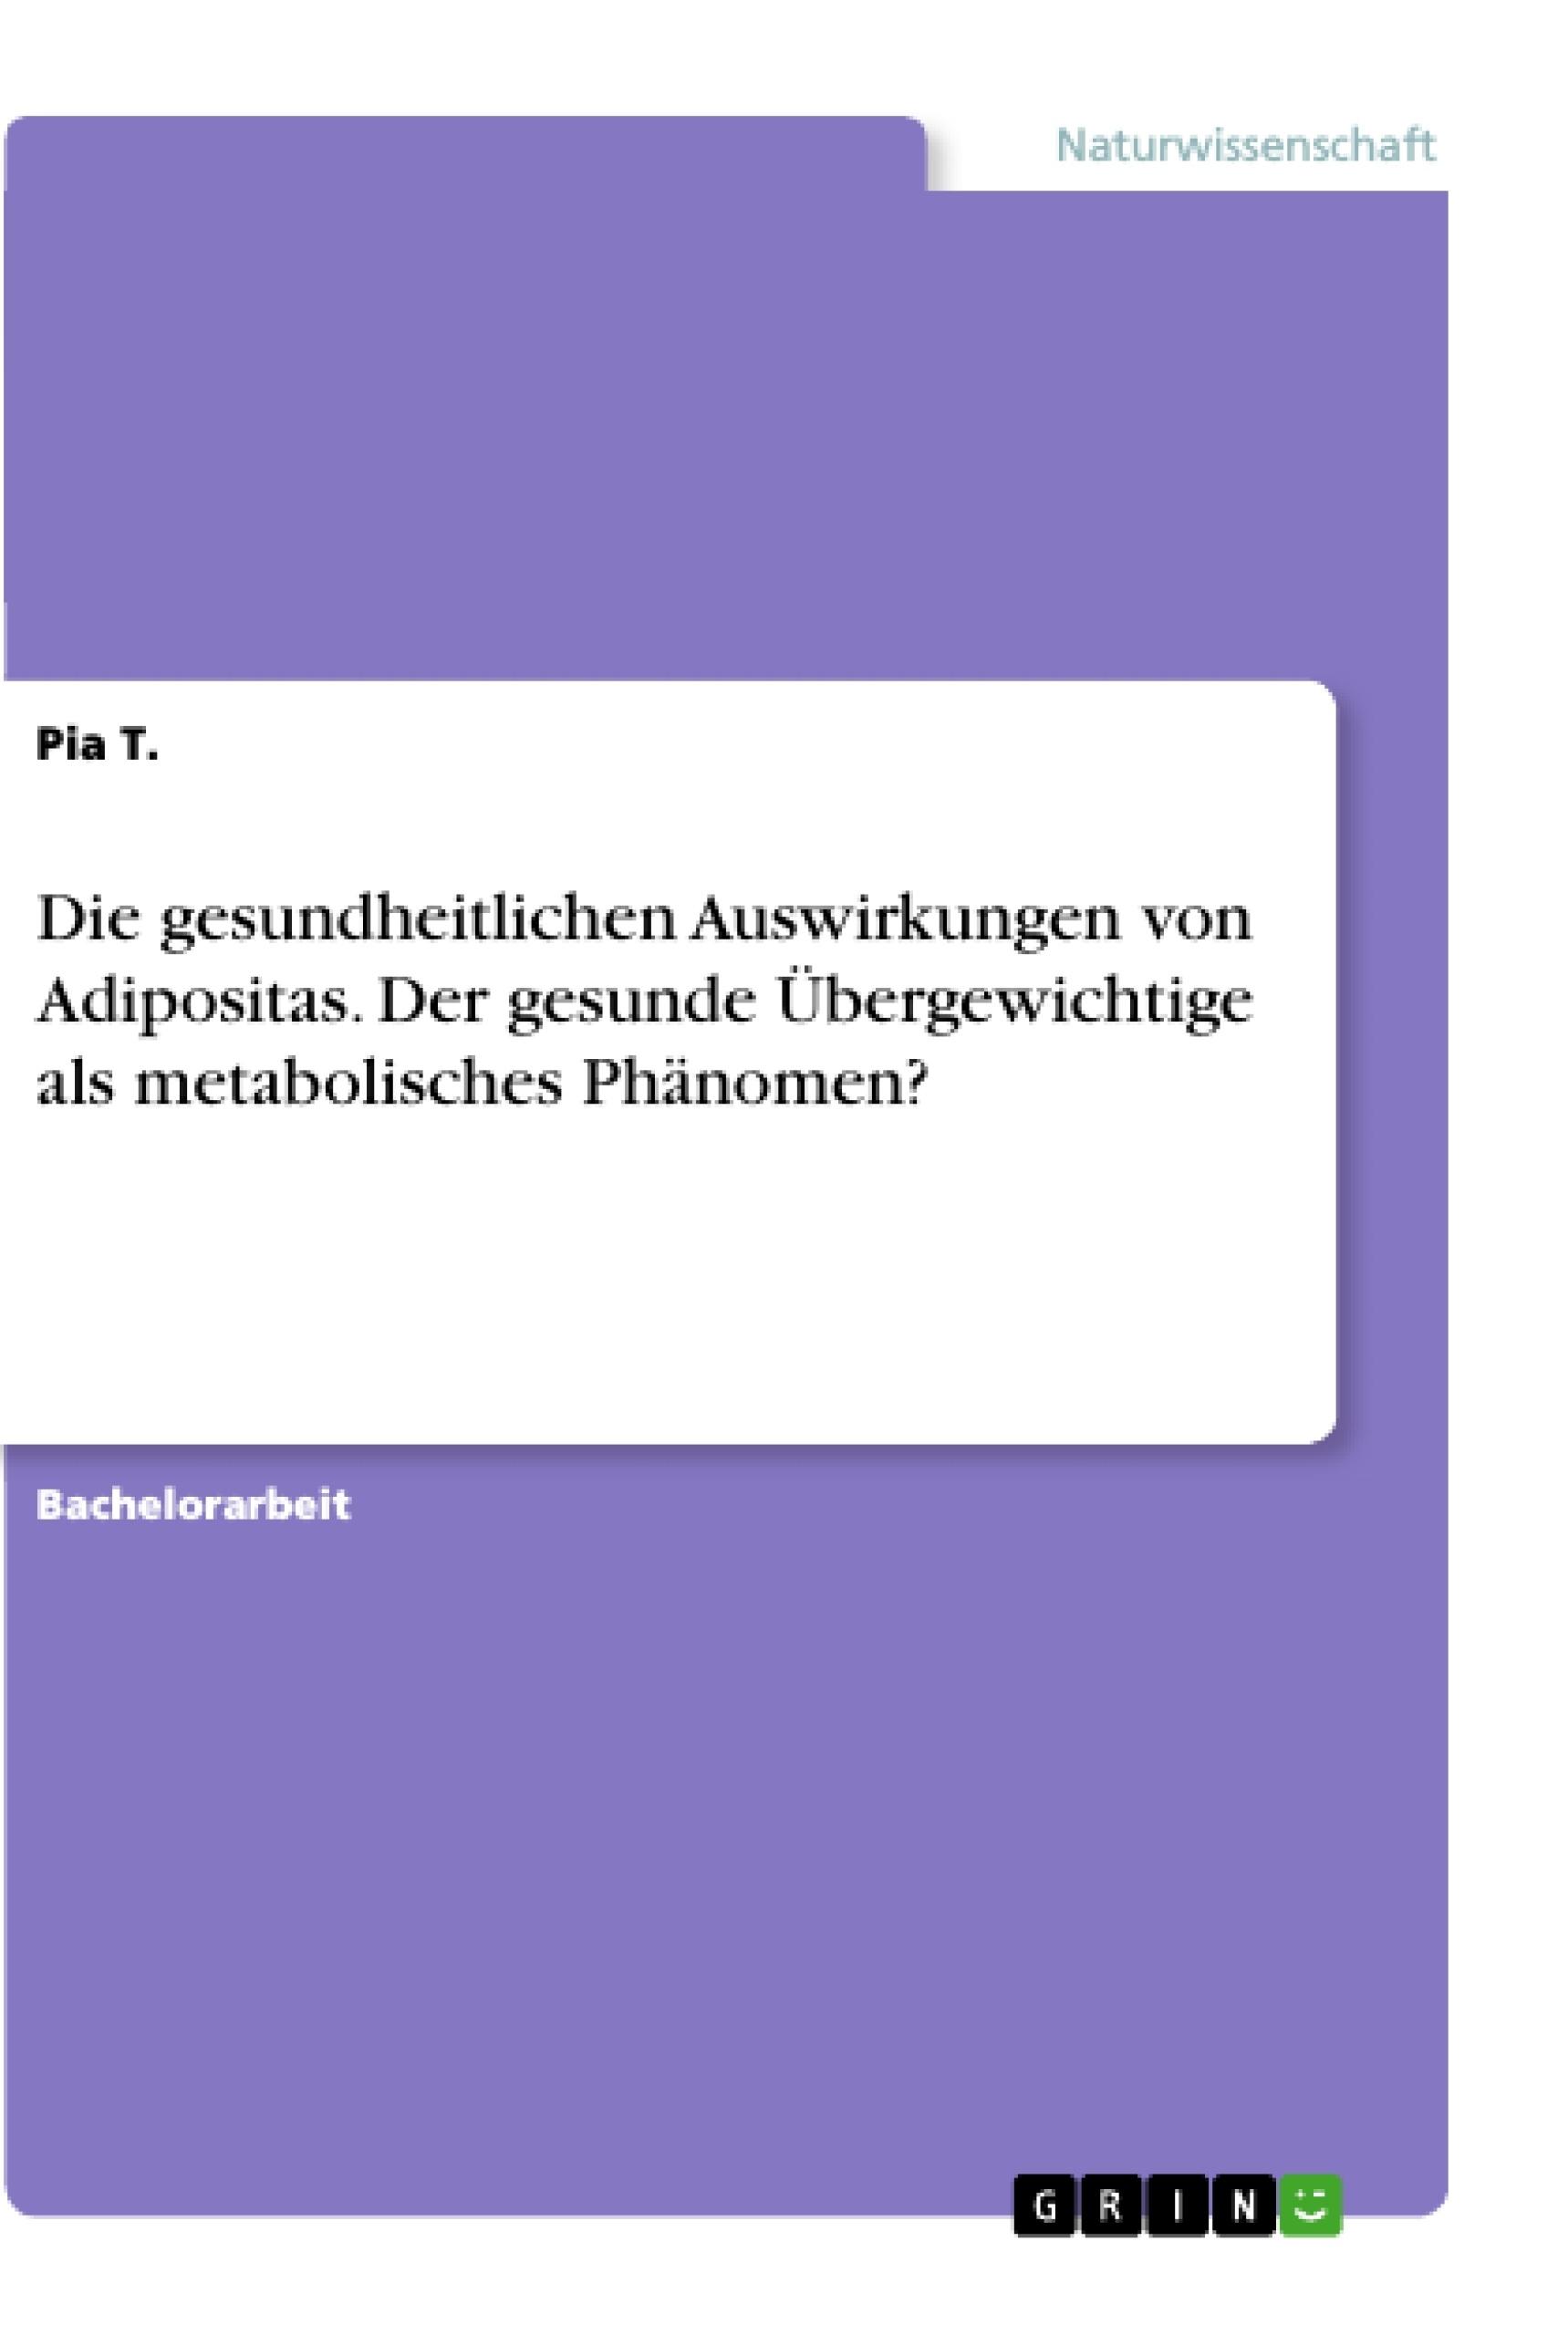 Titel: Die gesundheitlichen Auswirkungen von Adipositas. Der gesunde Übergewichtige als metabolisches Phänomen?